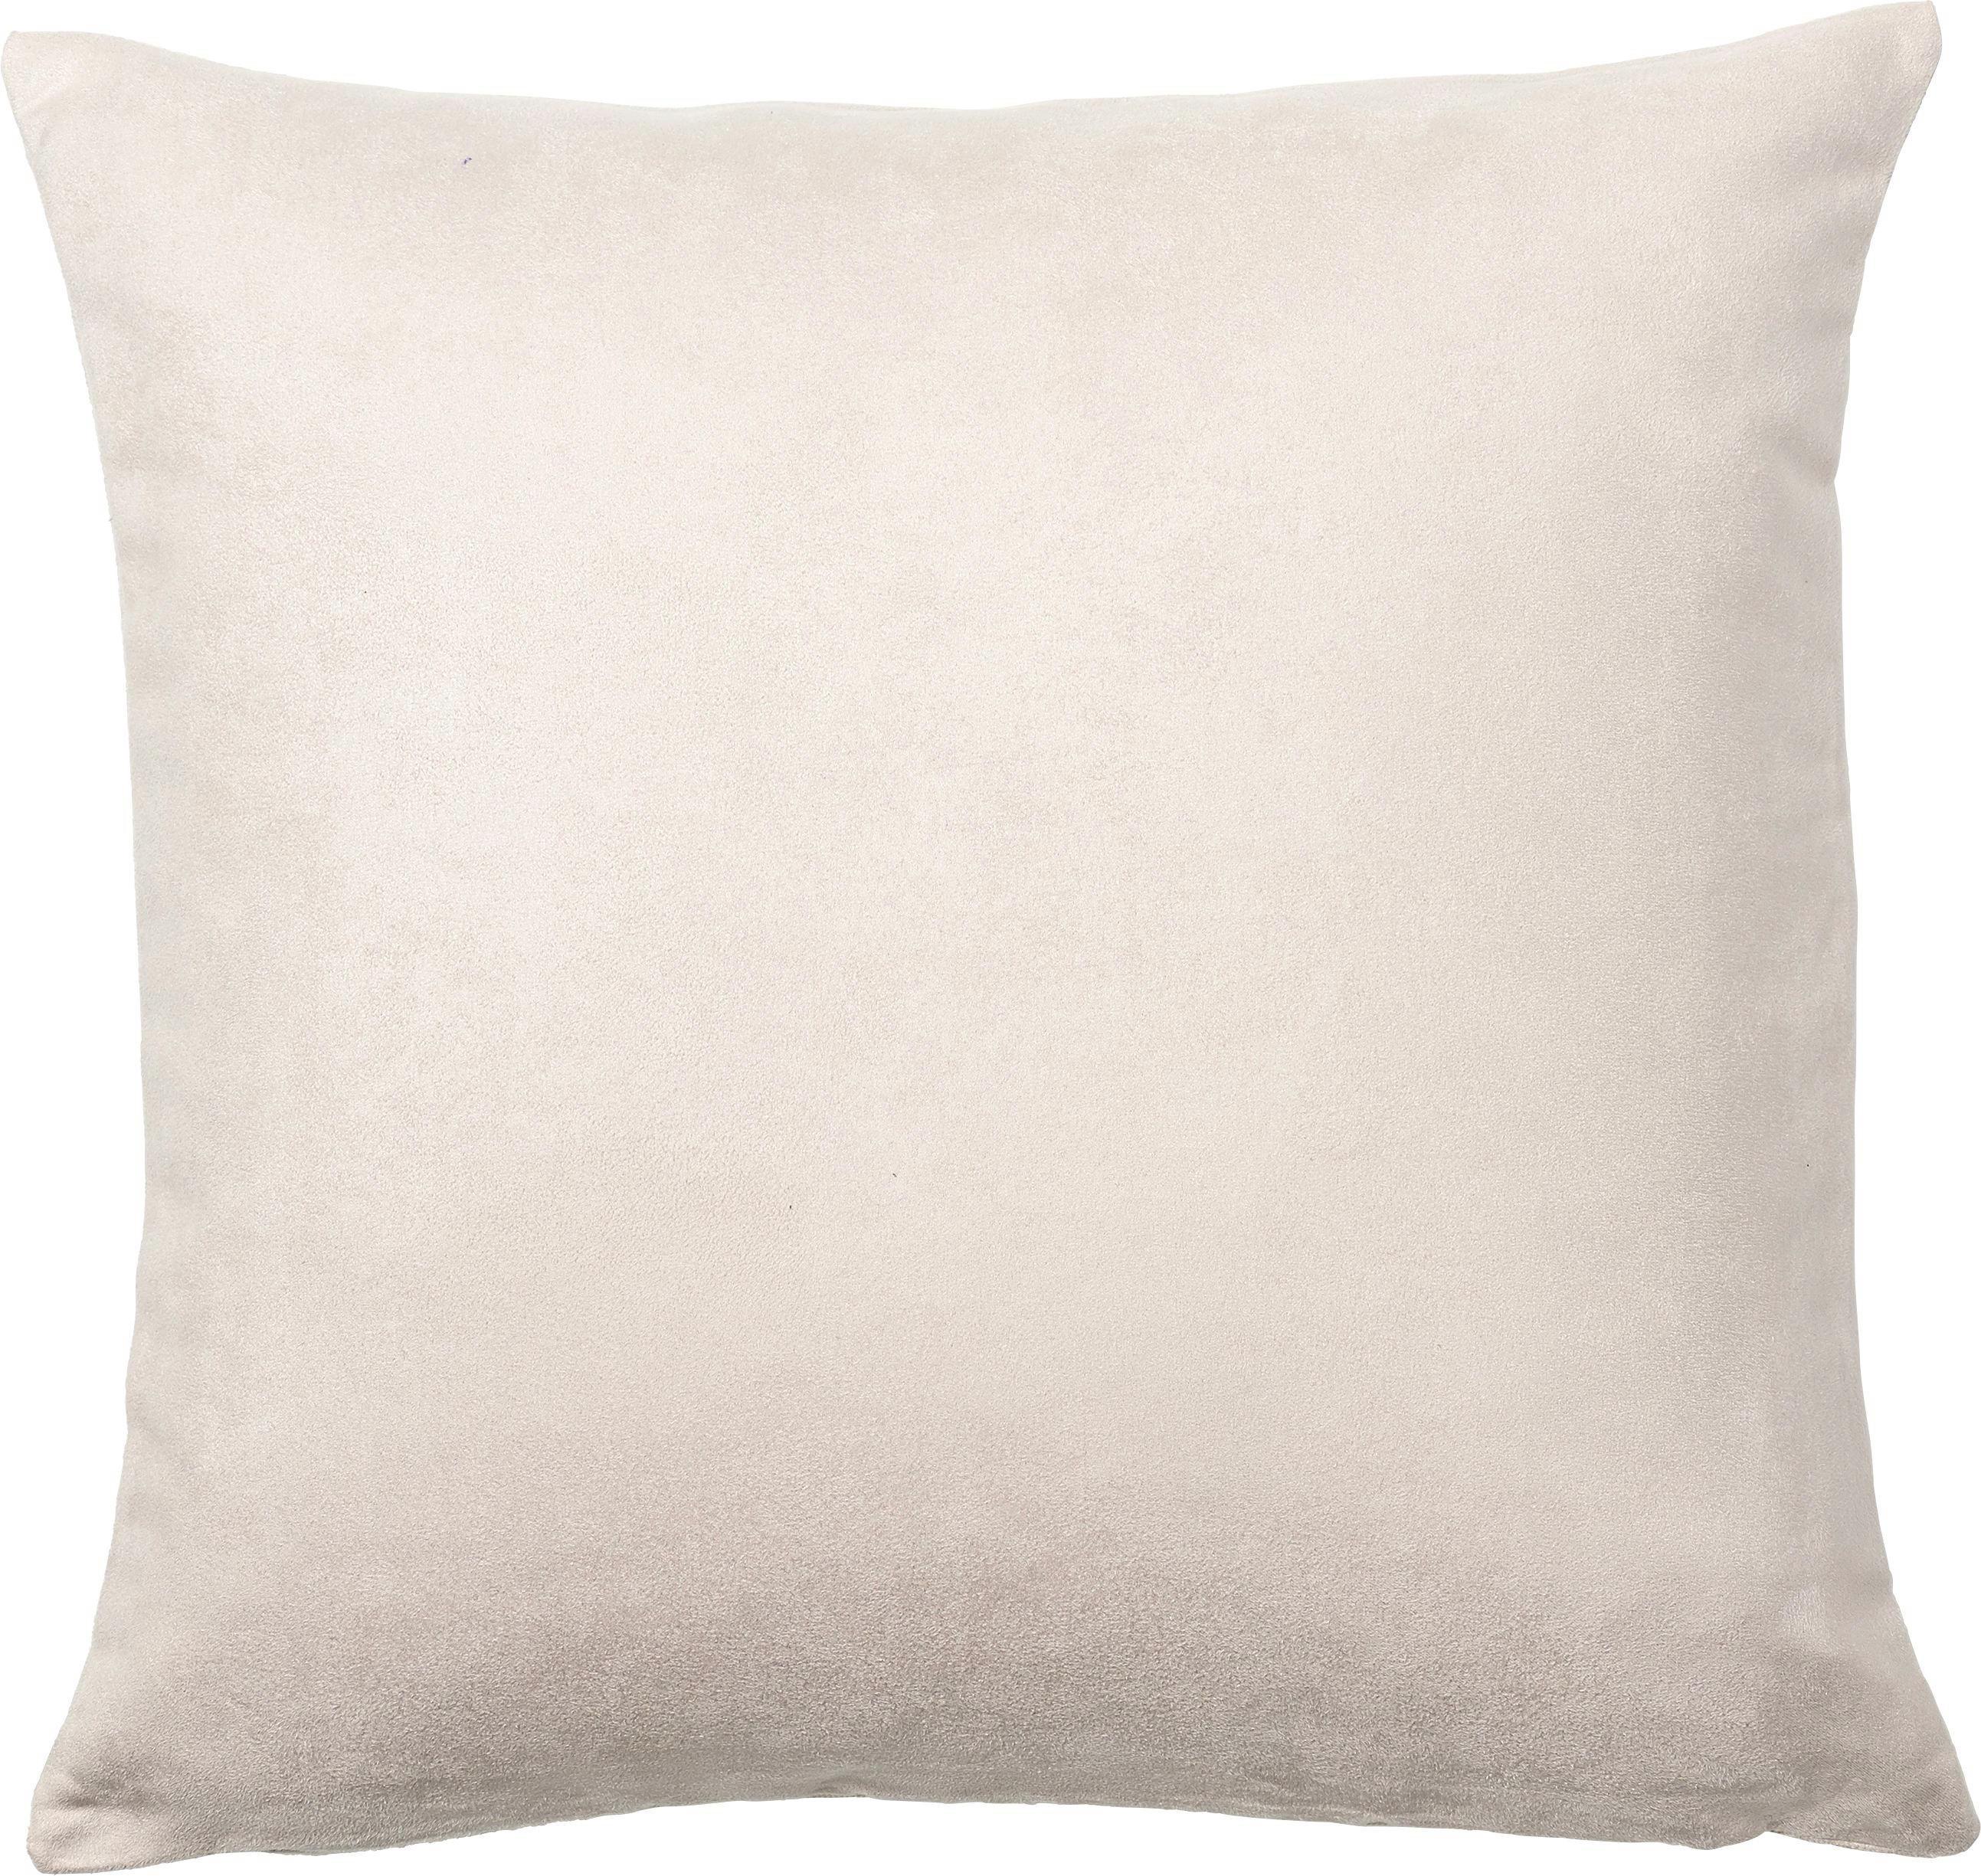 KISSENHÜLLE 50/50 cm - Creme, Basics, Textil (50/50cm) - NOVEL